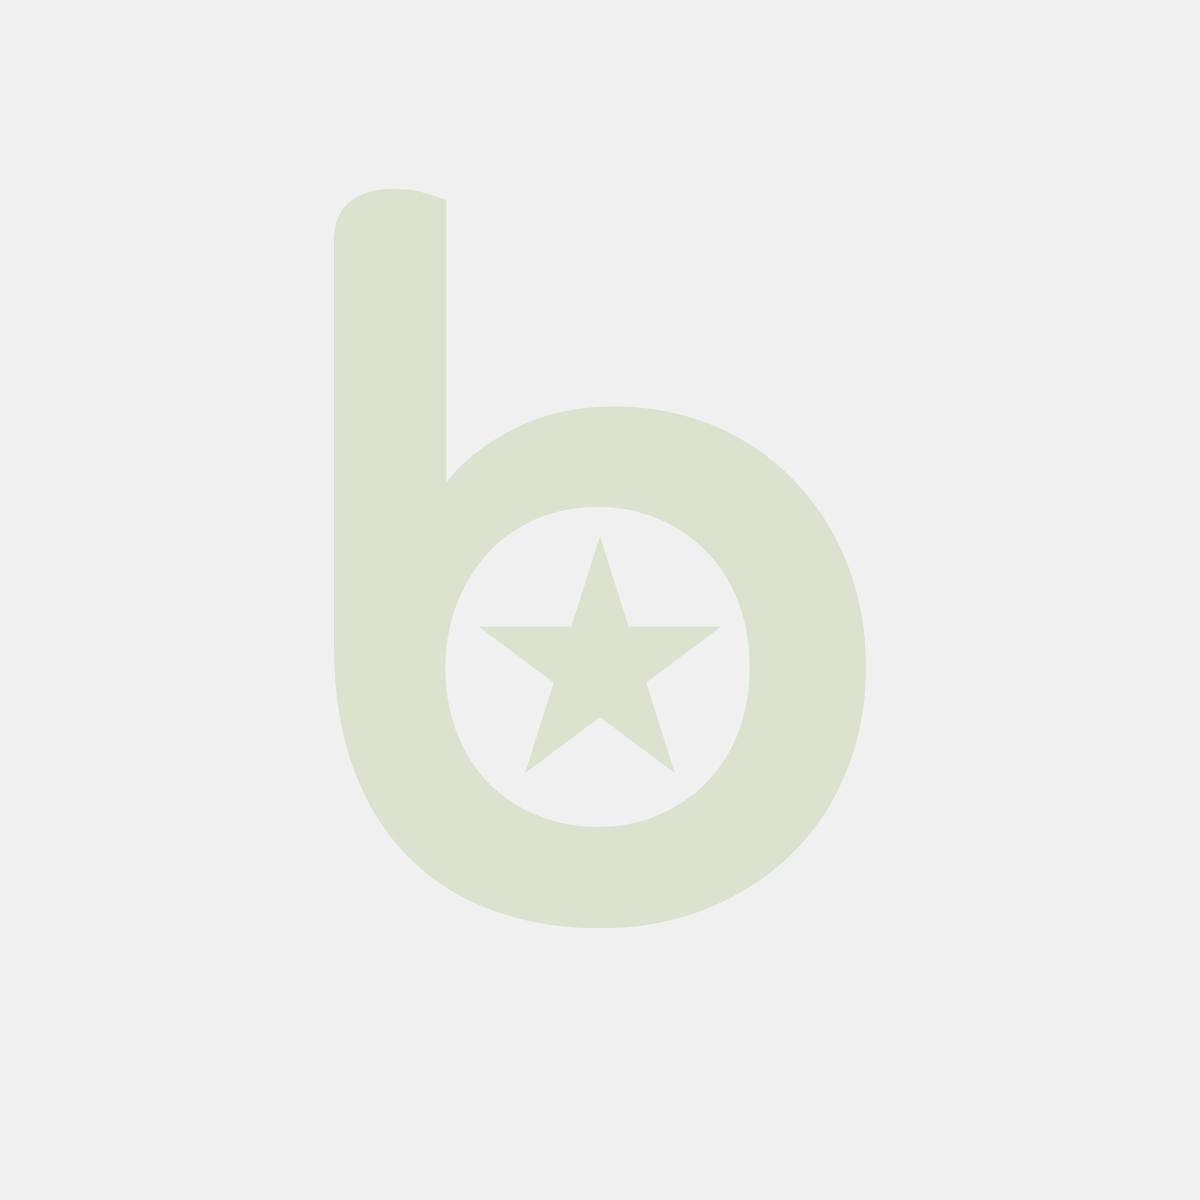 Łyżeczki PREMIUM krystaliczne op.50 szt. satynowe 12,8cm